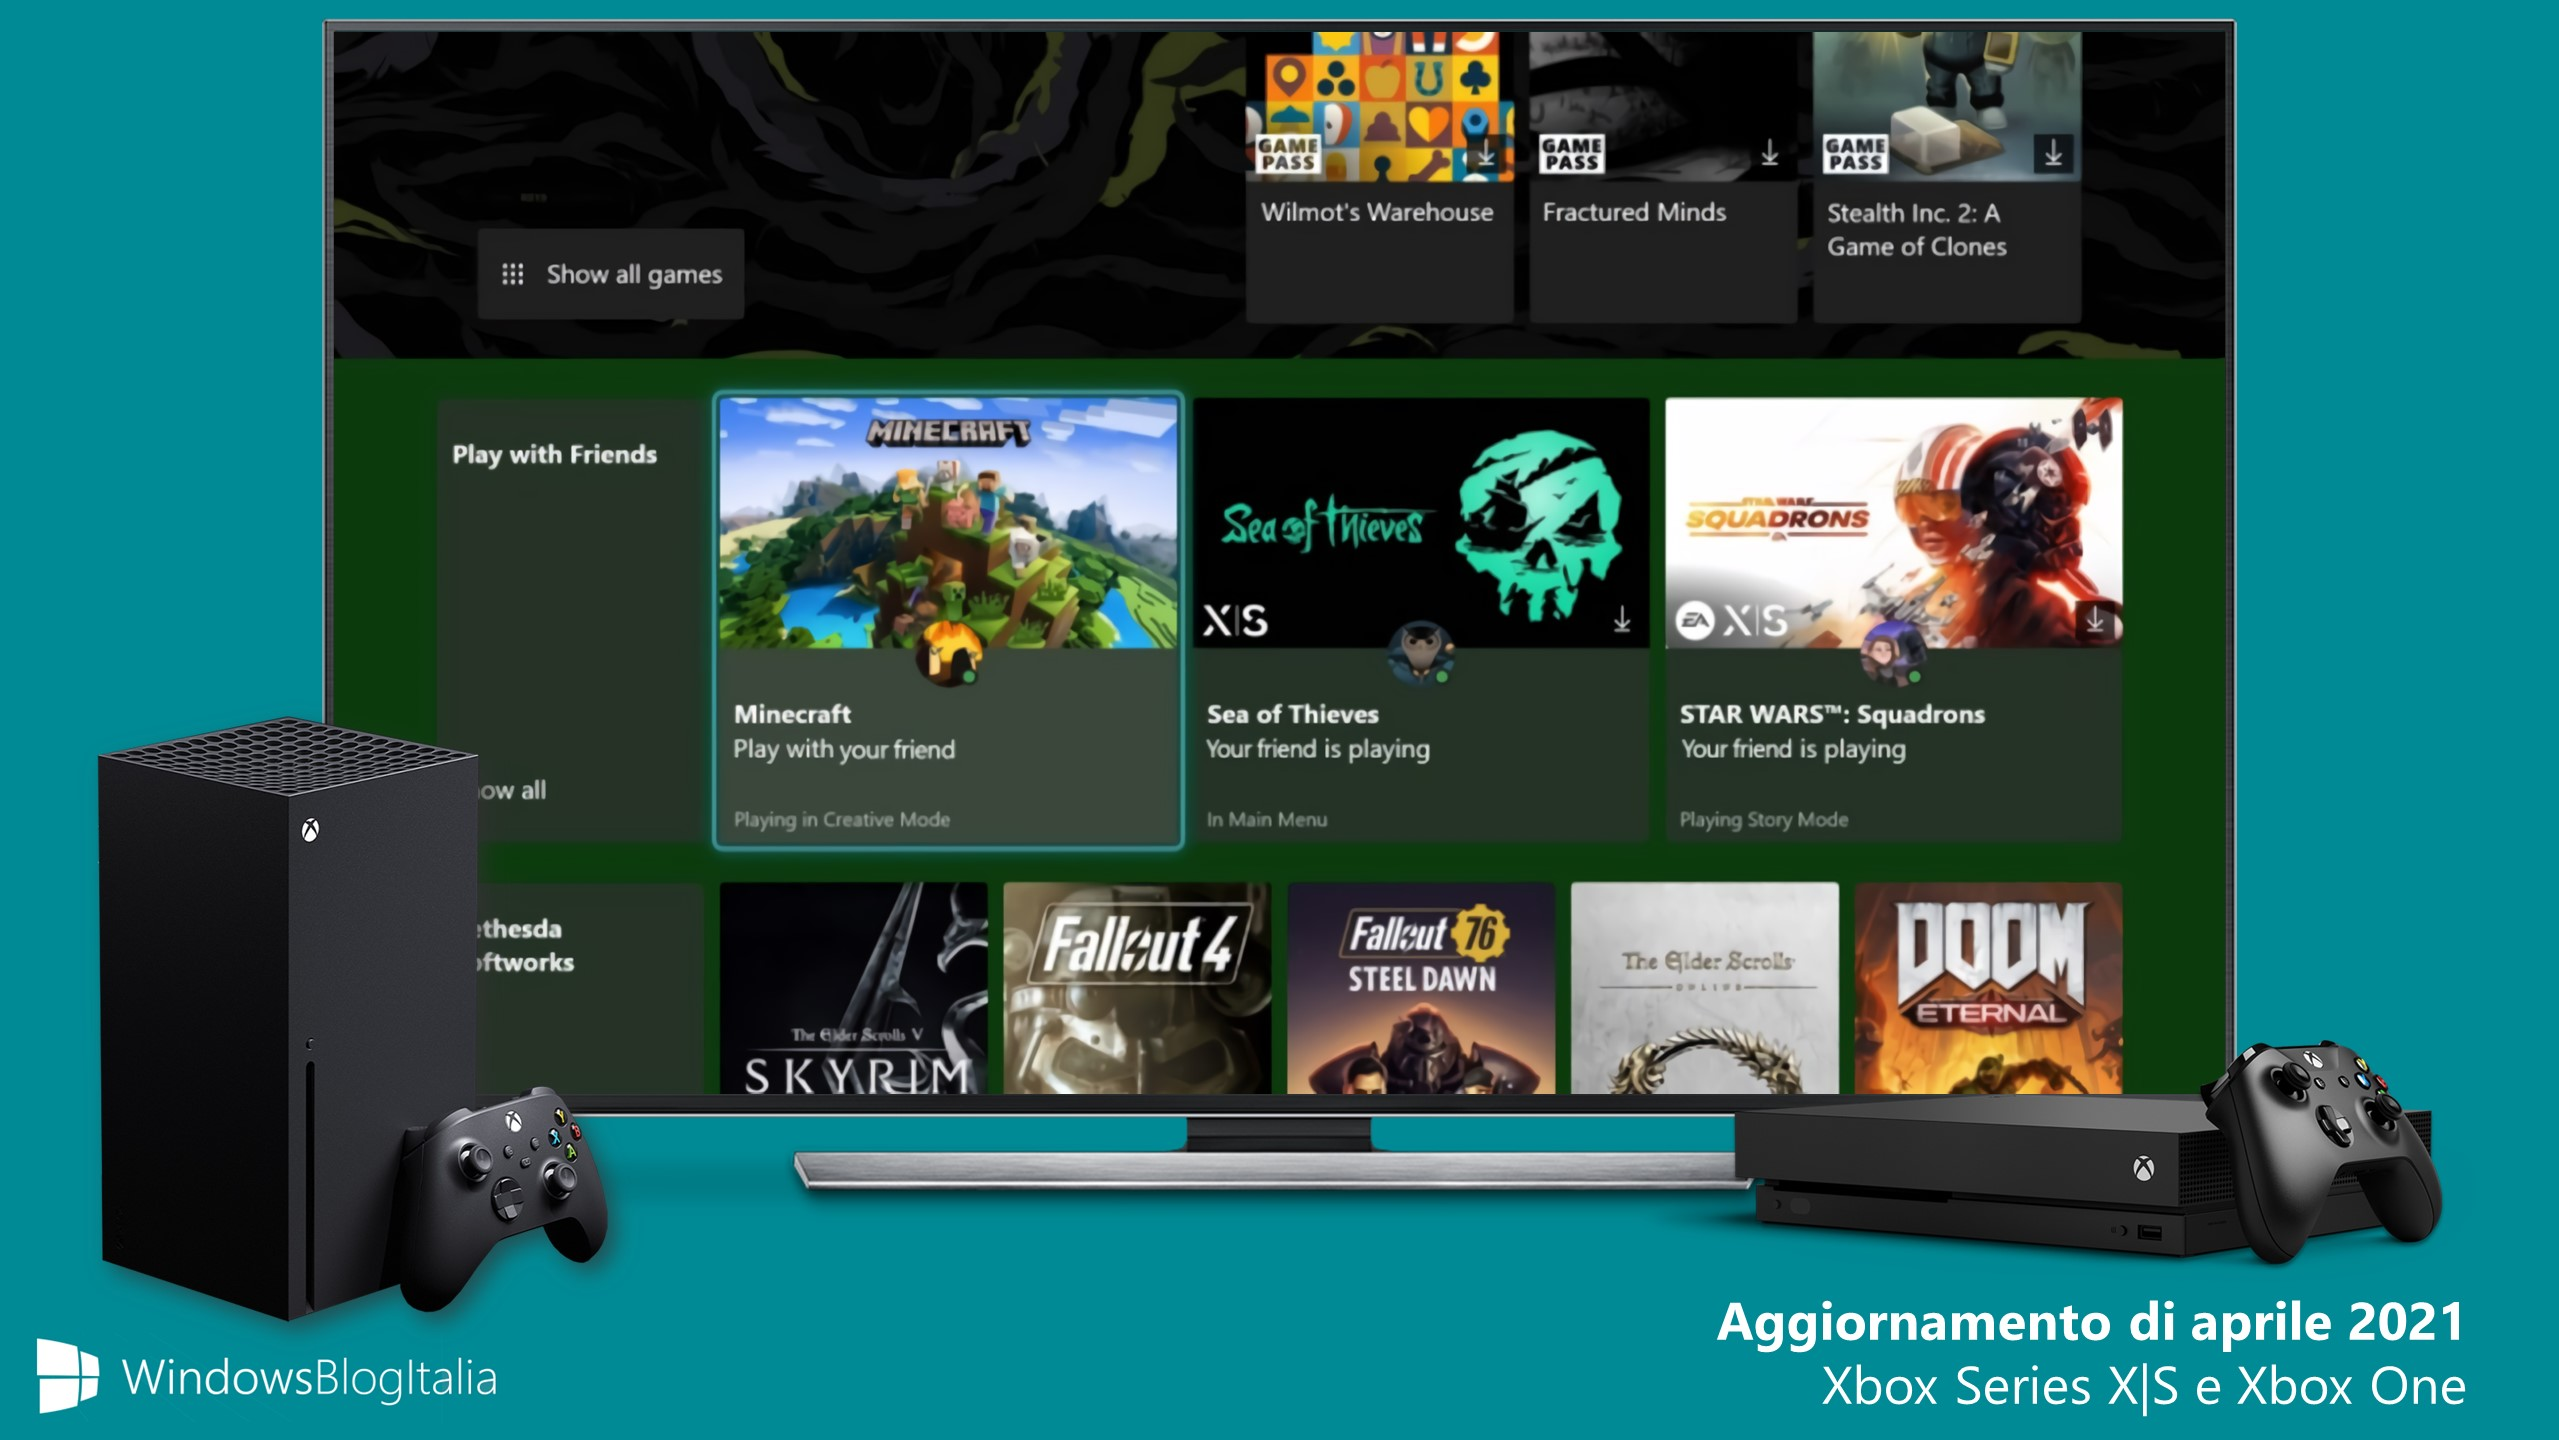 Aggiornamento di aprile 2021 - Xbox One e Xbox Series X S